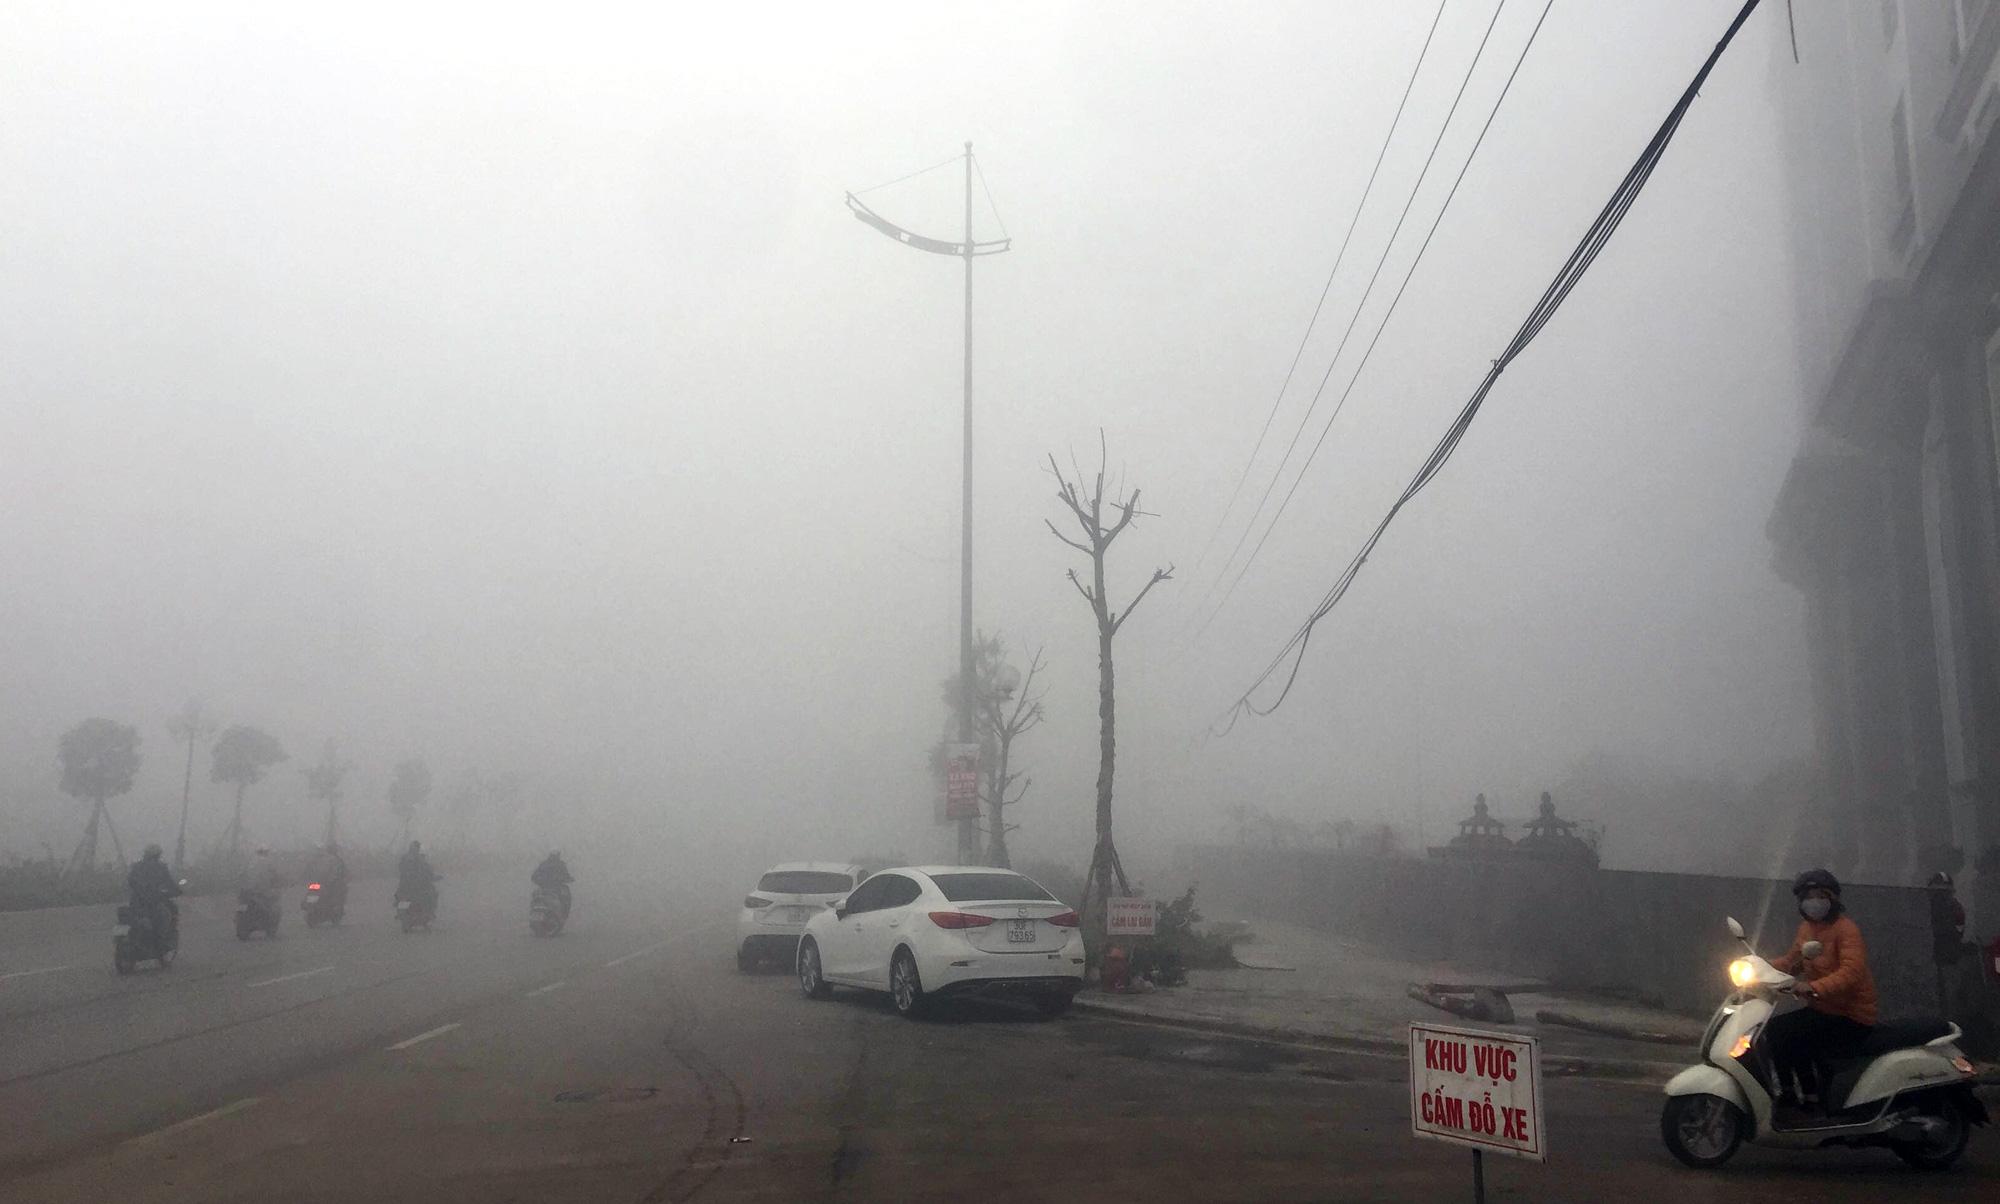 Hà Nội chìm trong sương mù giữa dịch virus corona - Ảnh 5.